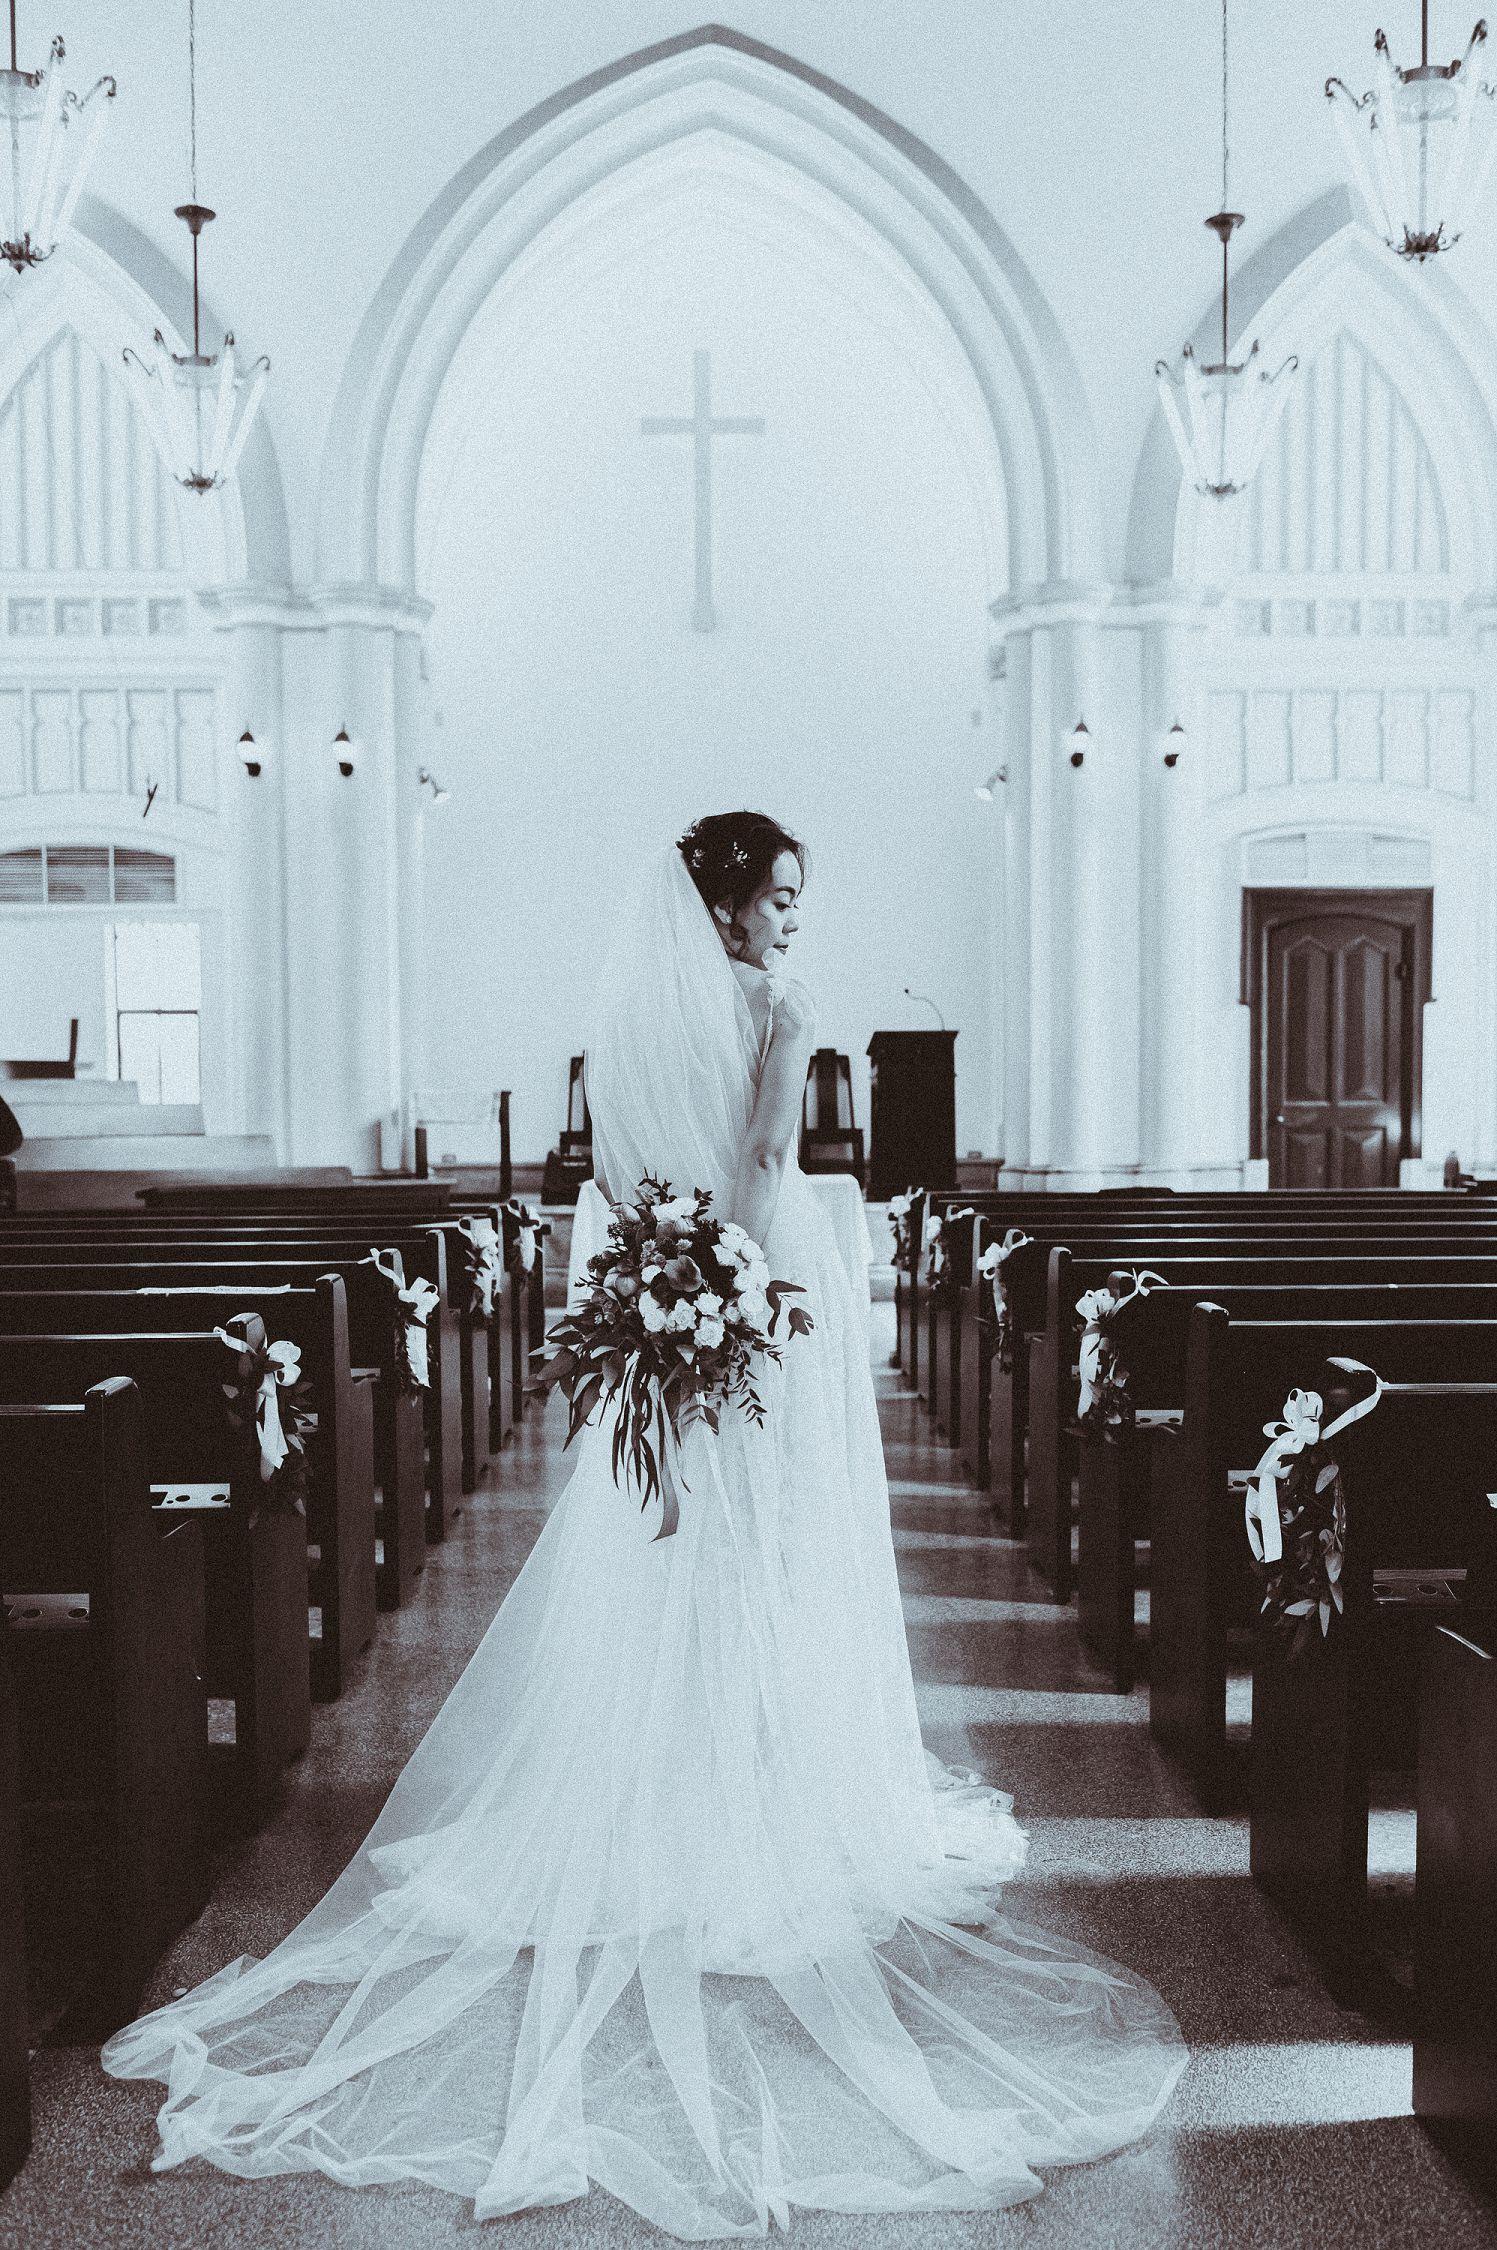 濟南教會,教會證婚,天主教,婚禮,攝影,台北婚禮,日本,婚禮紀實,松山意舍,風雲20,PTT推薦,新娘物語推薦,類婚紗,交換戒指,婚禮誓言